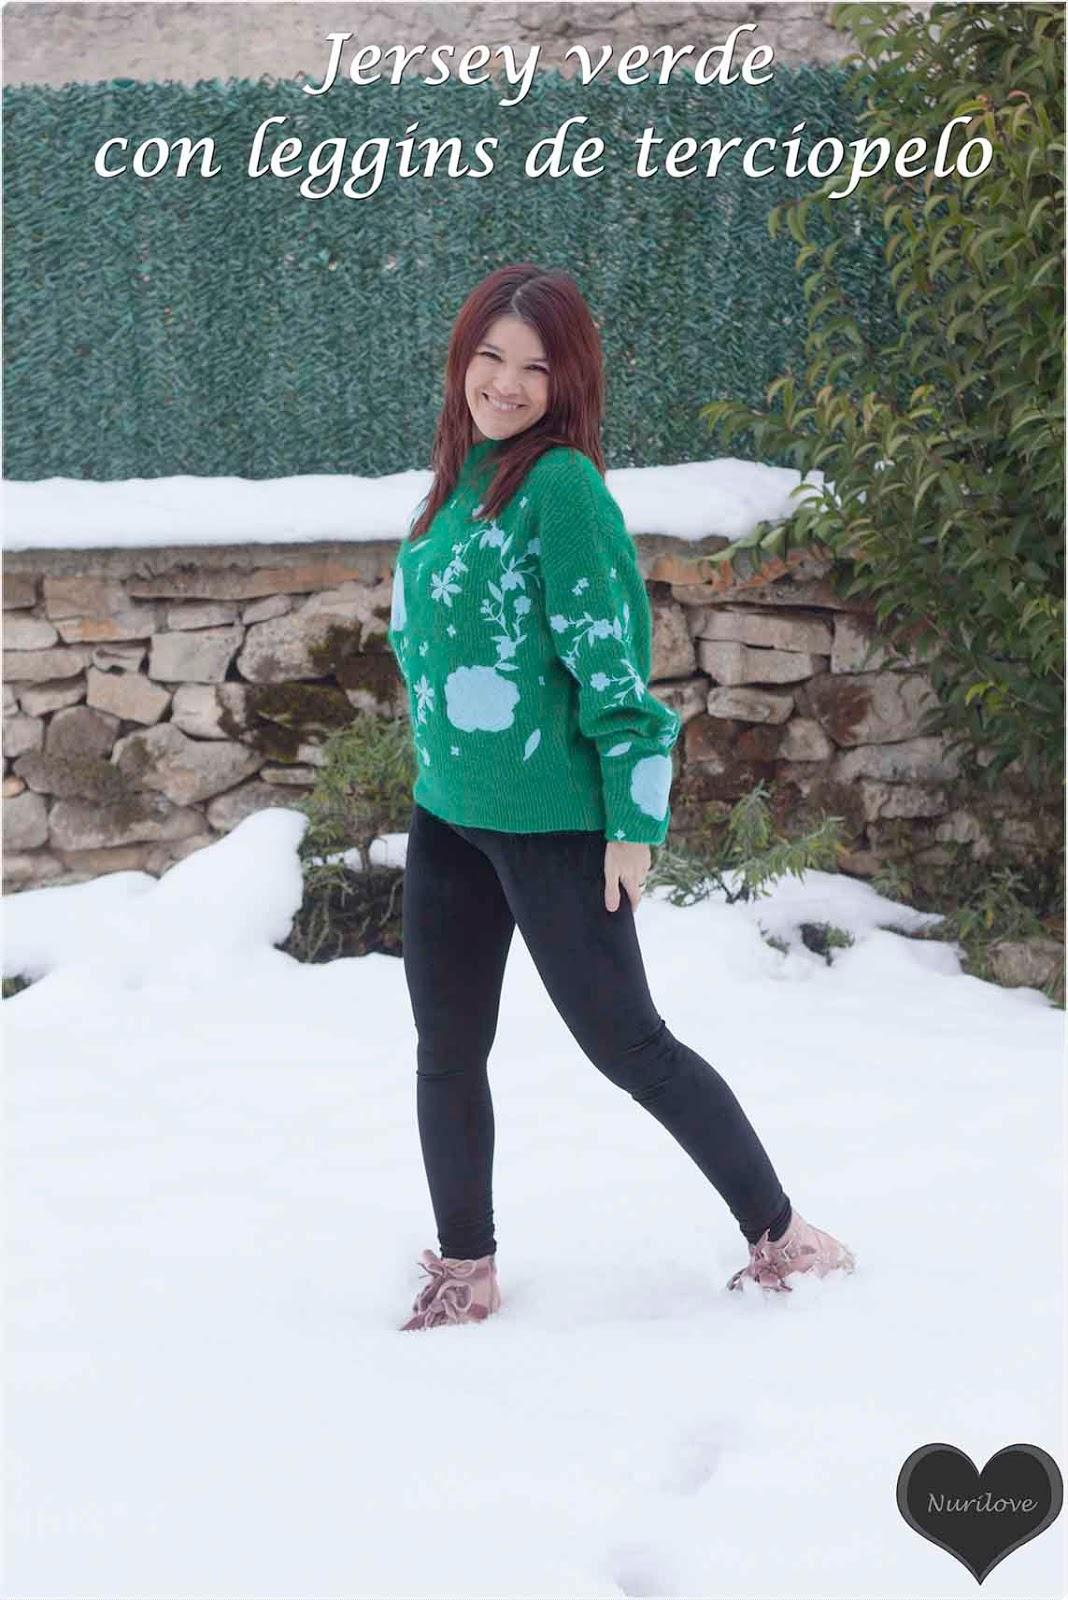 jersey verde con un estampado precioso con leggins negros